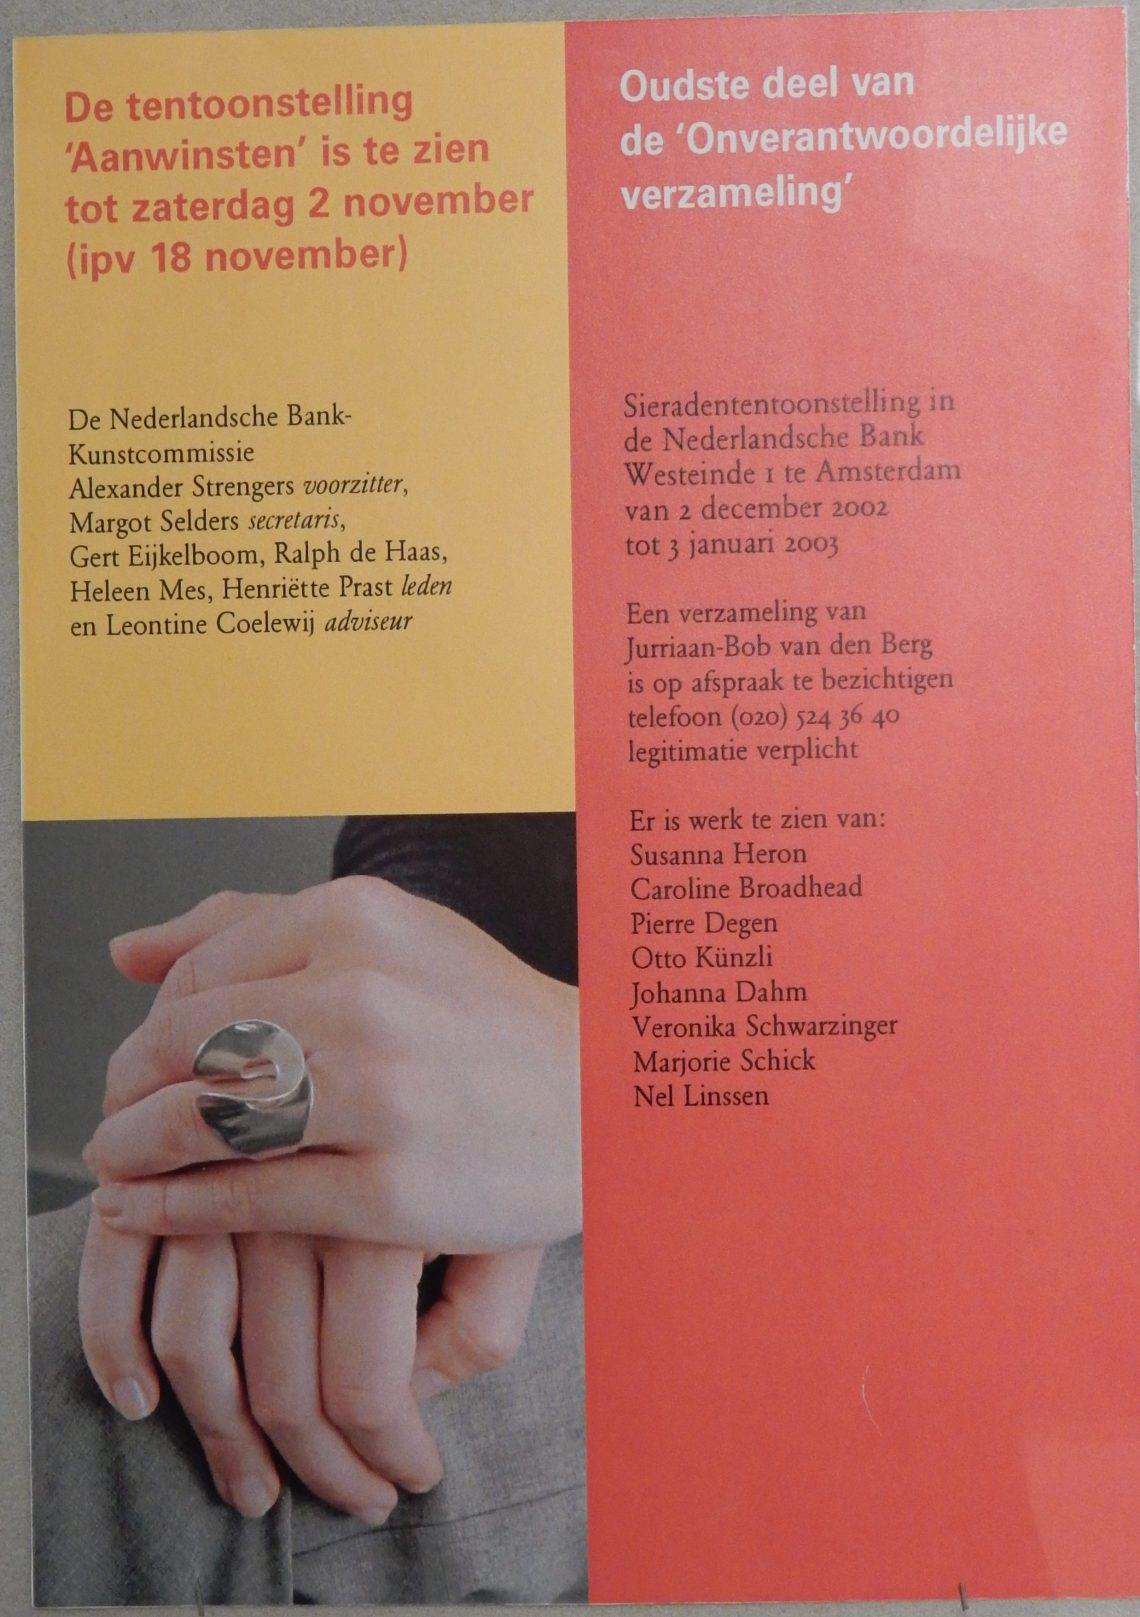 Flyer, de verzameling van Jurriaan van den Berg in CODA, 2018. Foto Esther Doornbusch, CC BY 4.0